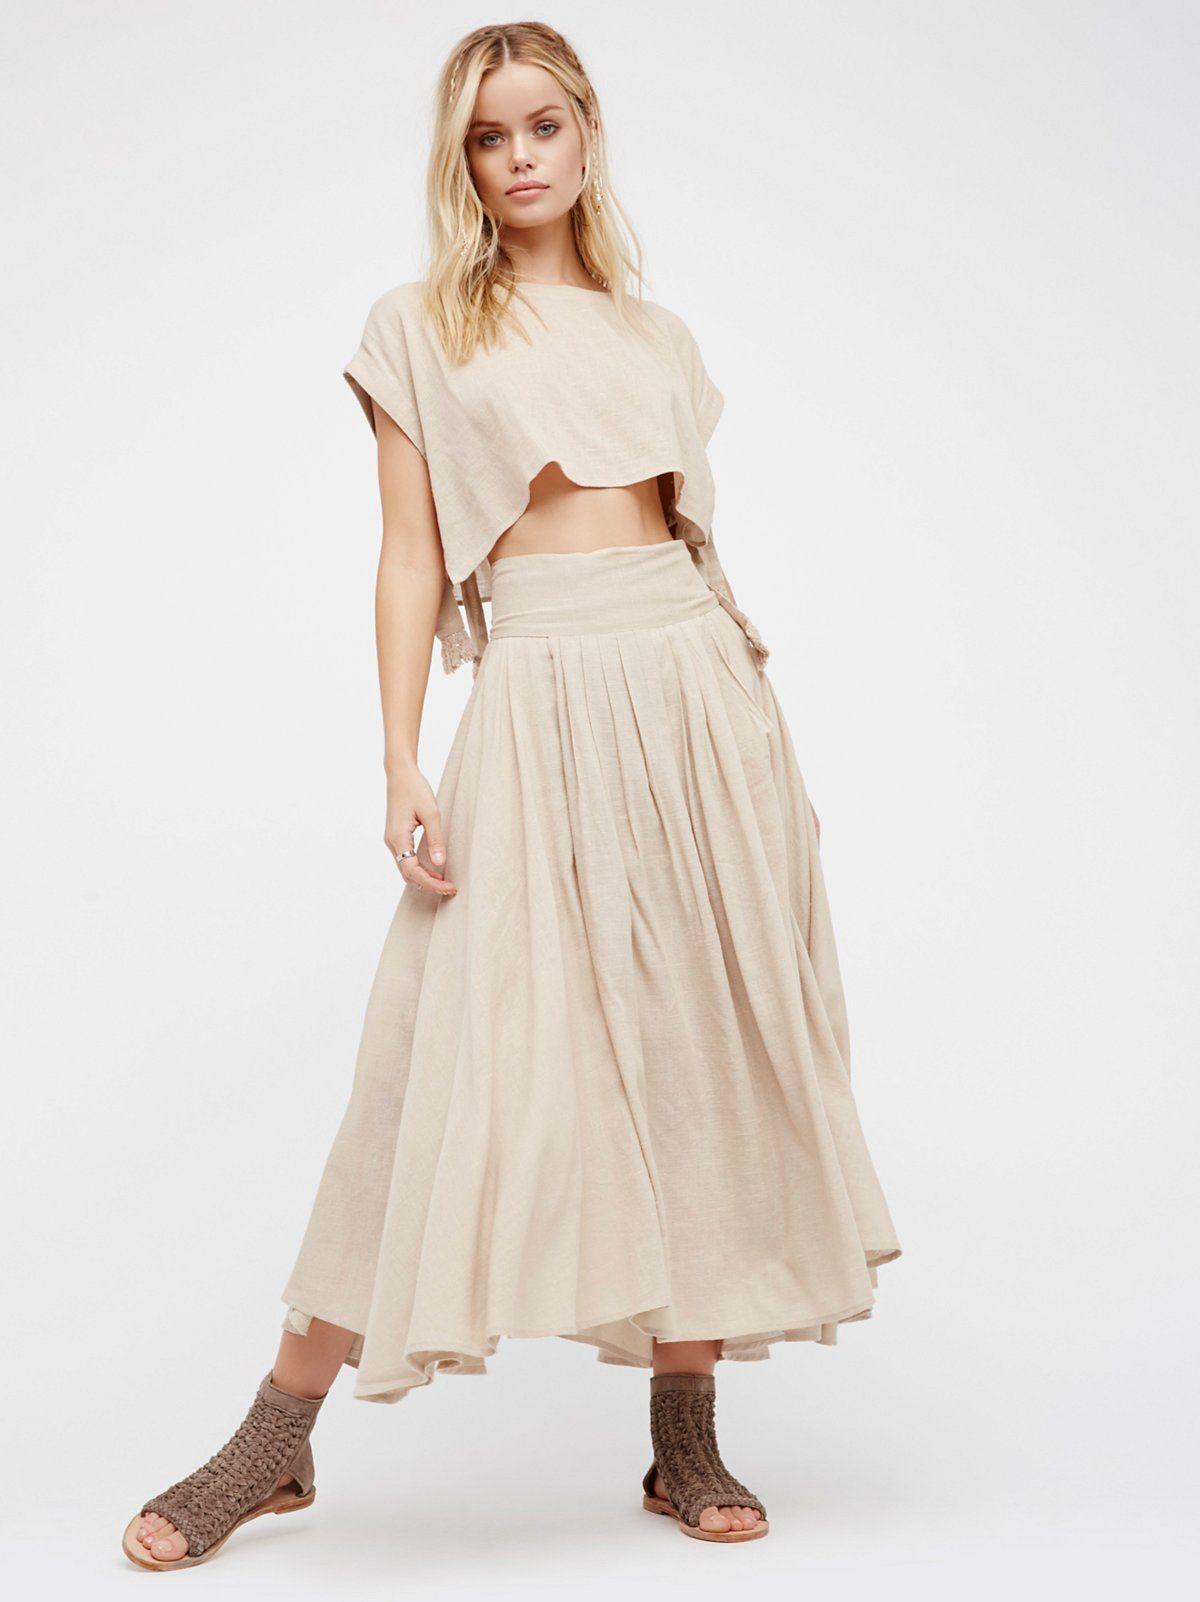 Sundown Skirt Set | In a cotton-blend this skirt set features a ... | title | sundown set